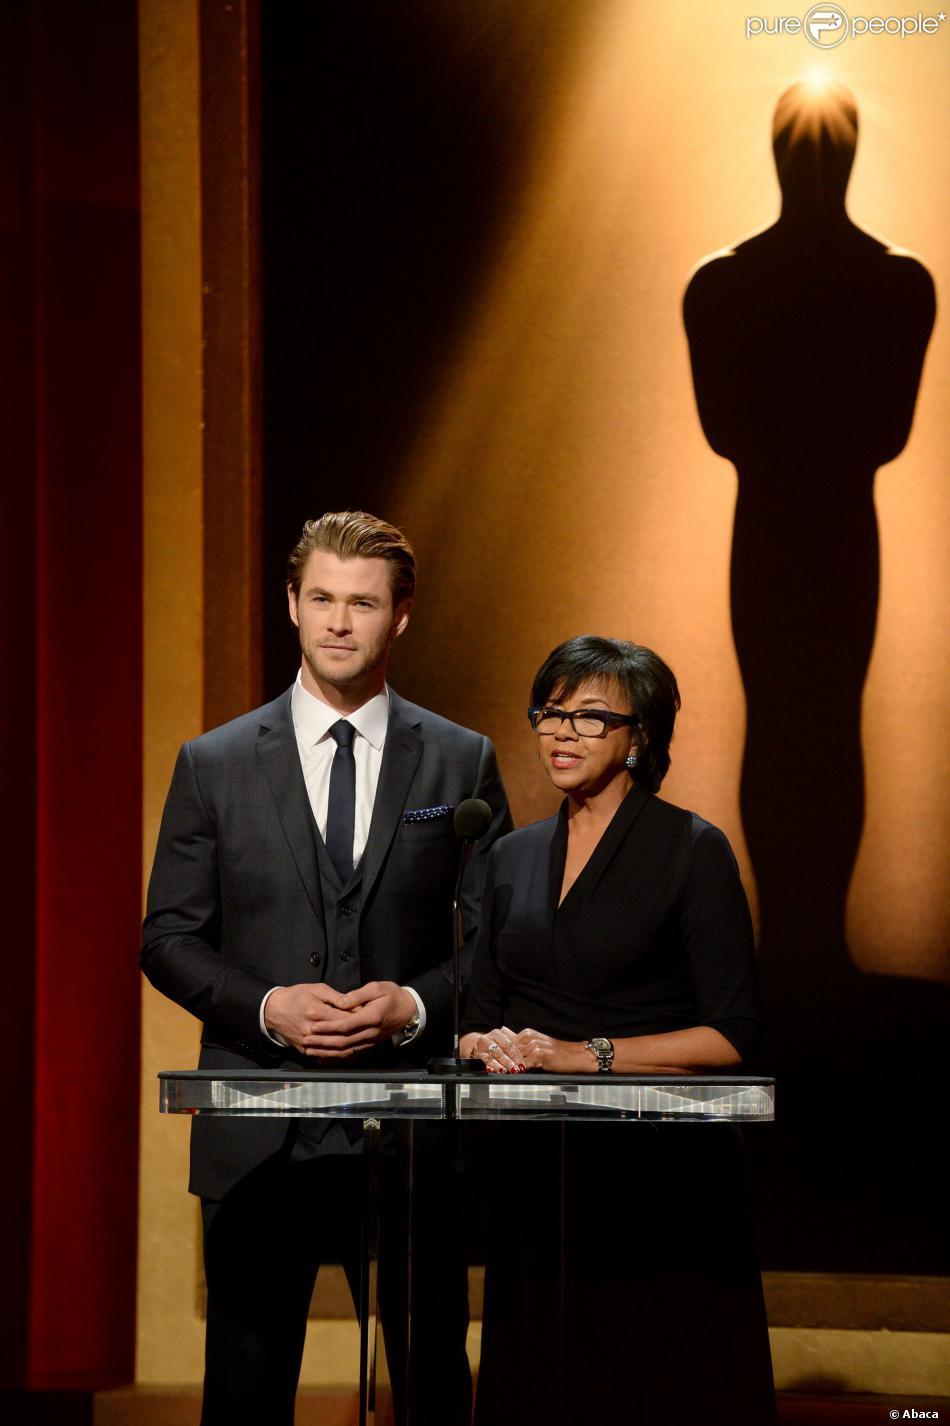 Chris Hemsworth et Cheryl Boone Isaacs aux nominations des Oscars 2014 à Beverly Hills, Los Angeles, le 16 janvier 2014.